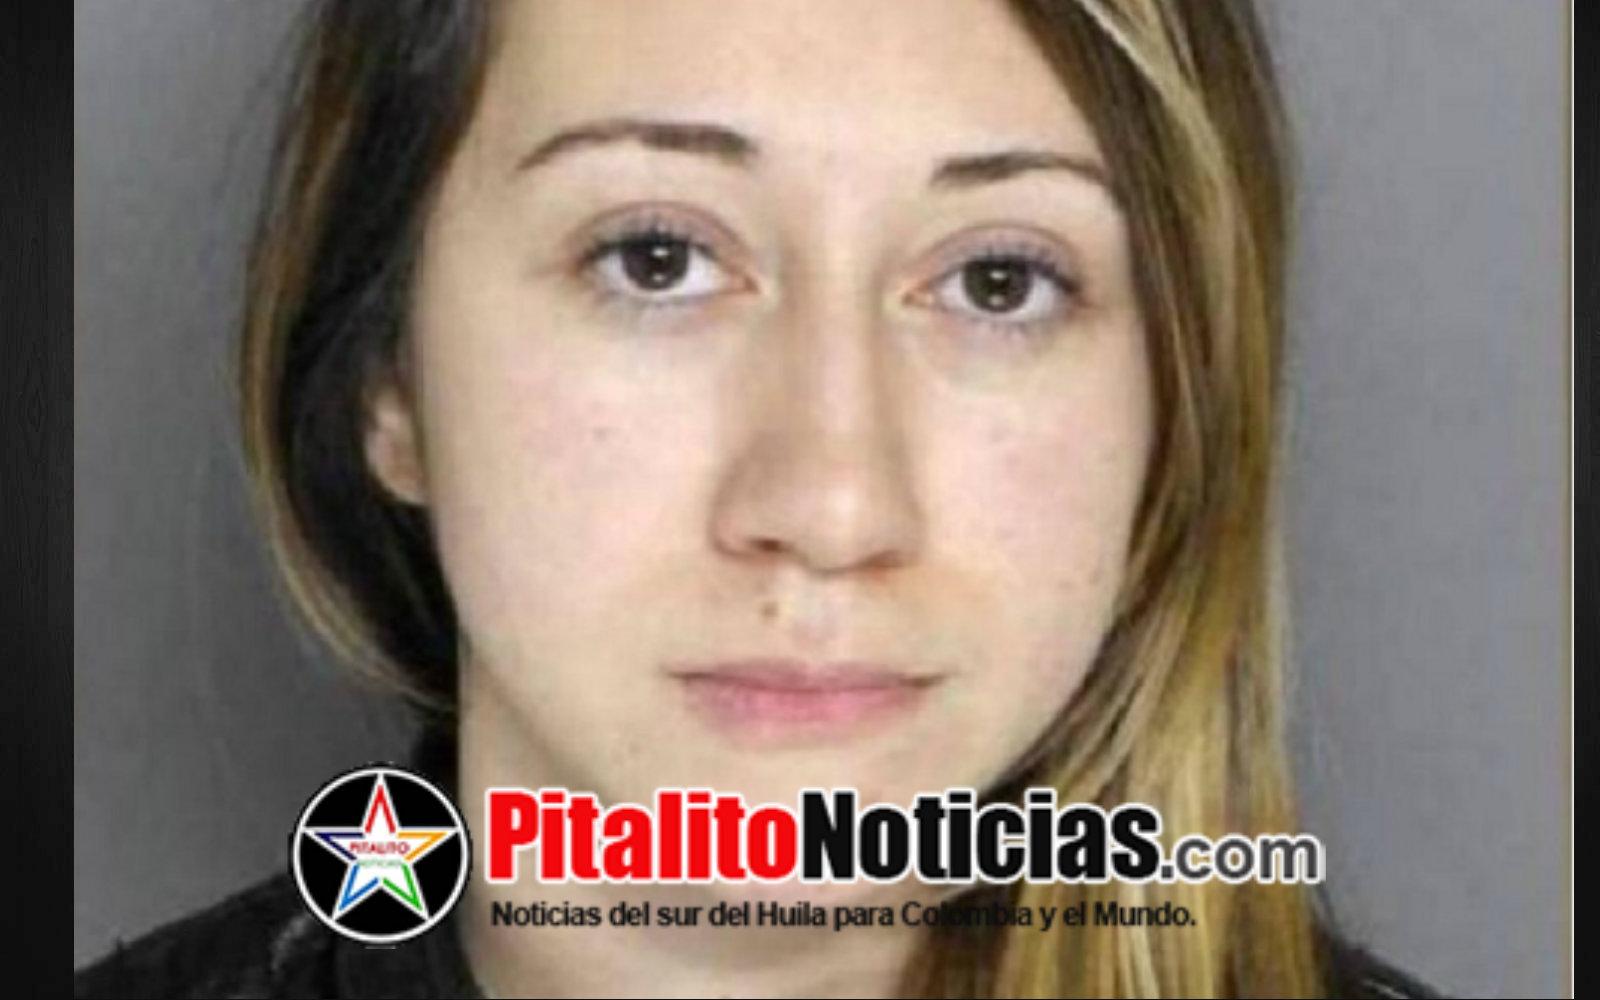 Amaranta Ruiz Xxx en colombia se escondió profesora que grabó vídeo xxx con un